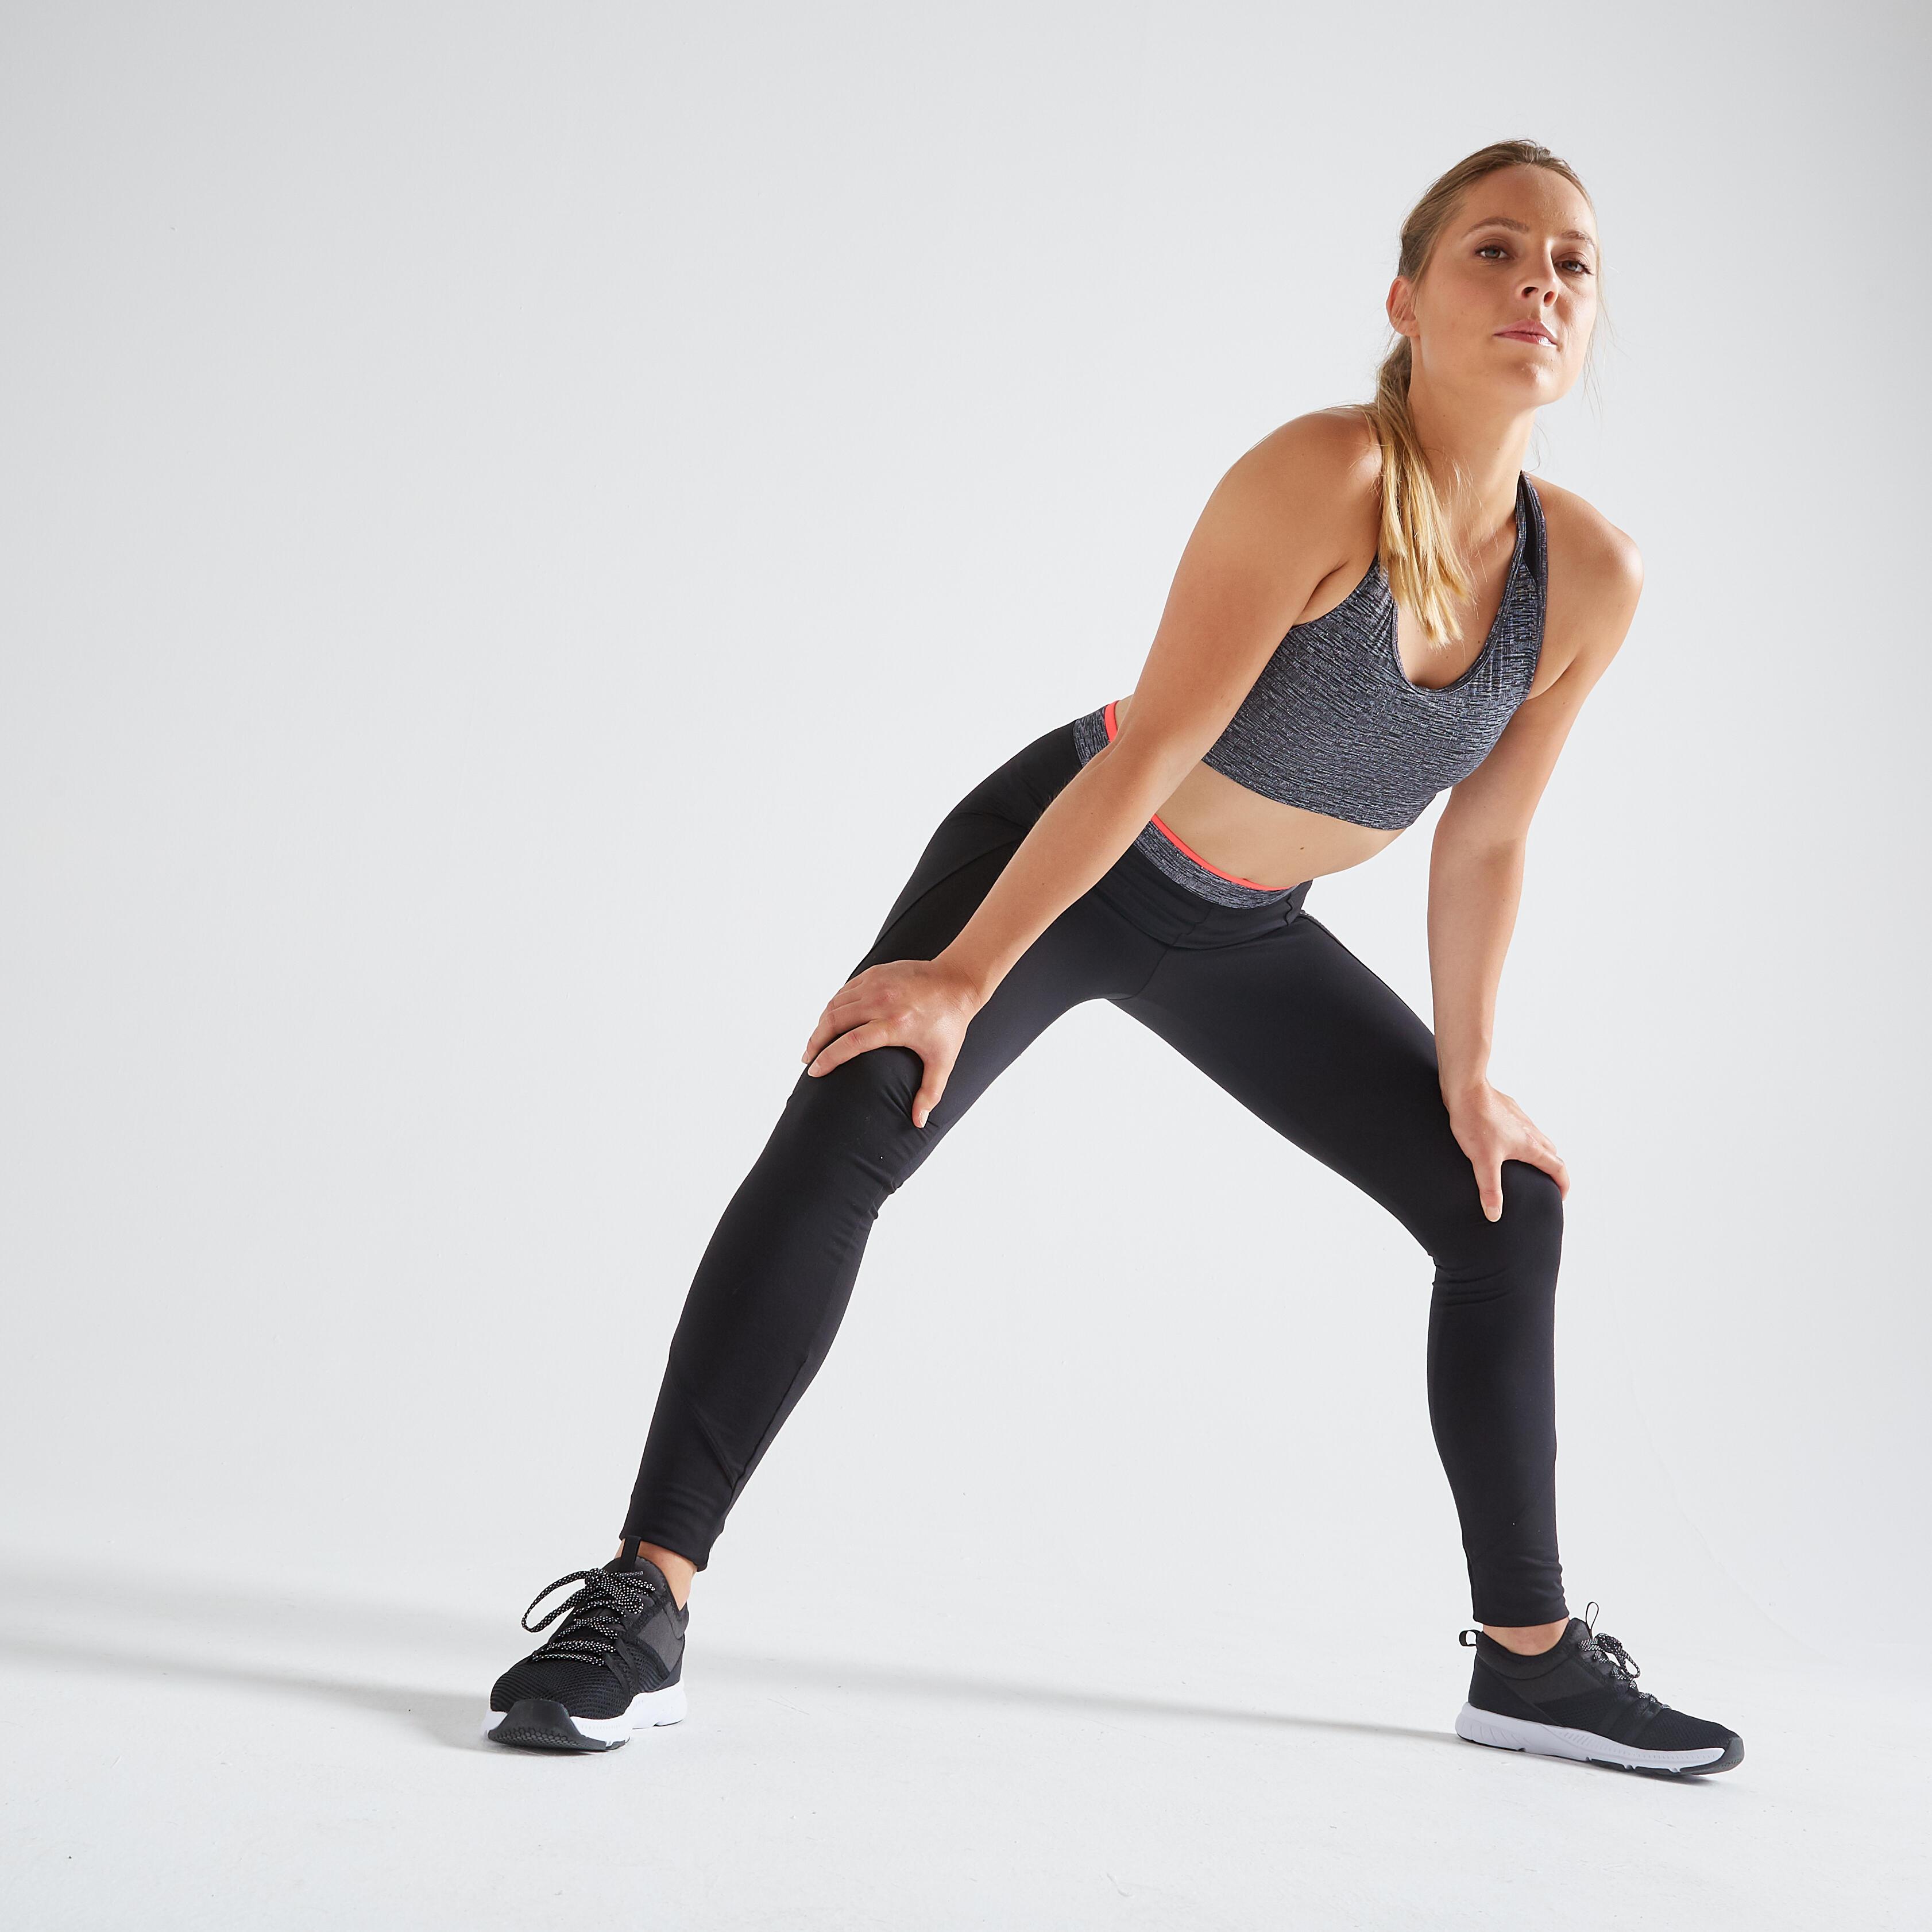 Colanţi Fitness 100 Negru Damă